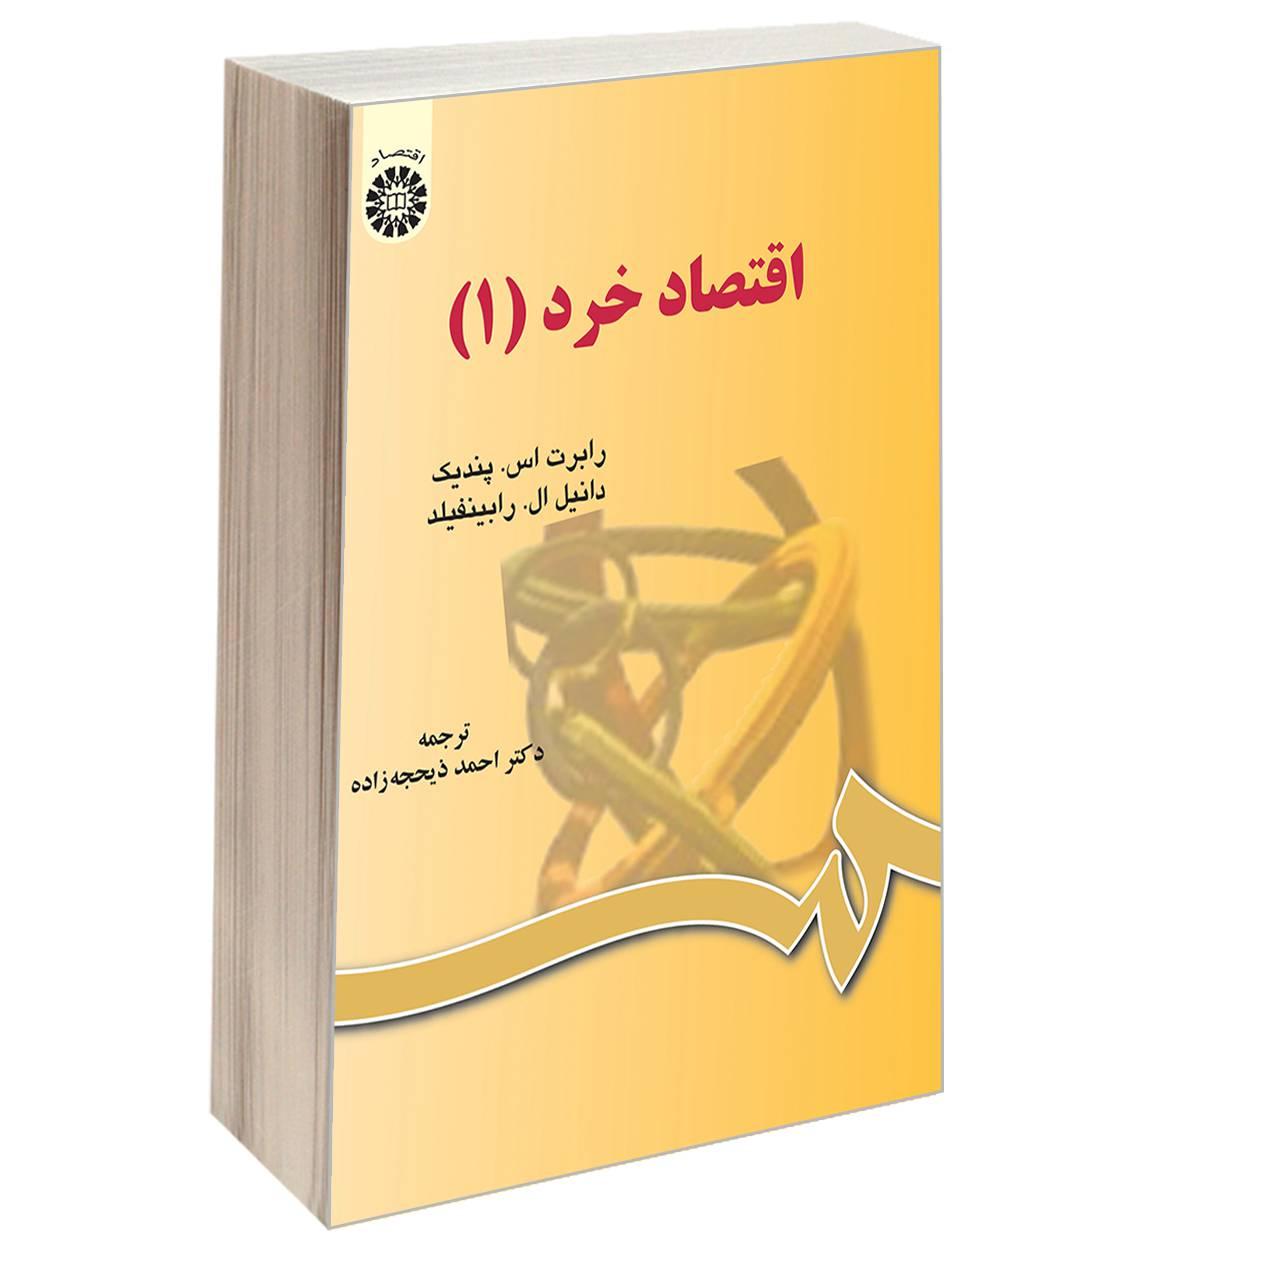 کتاب اقتصاد خرد (1) اثر رابرت اس. پندیک و دانیل ال. رابینفیلد نشر سمت